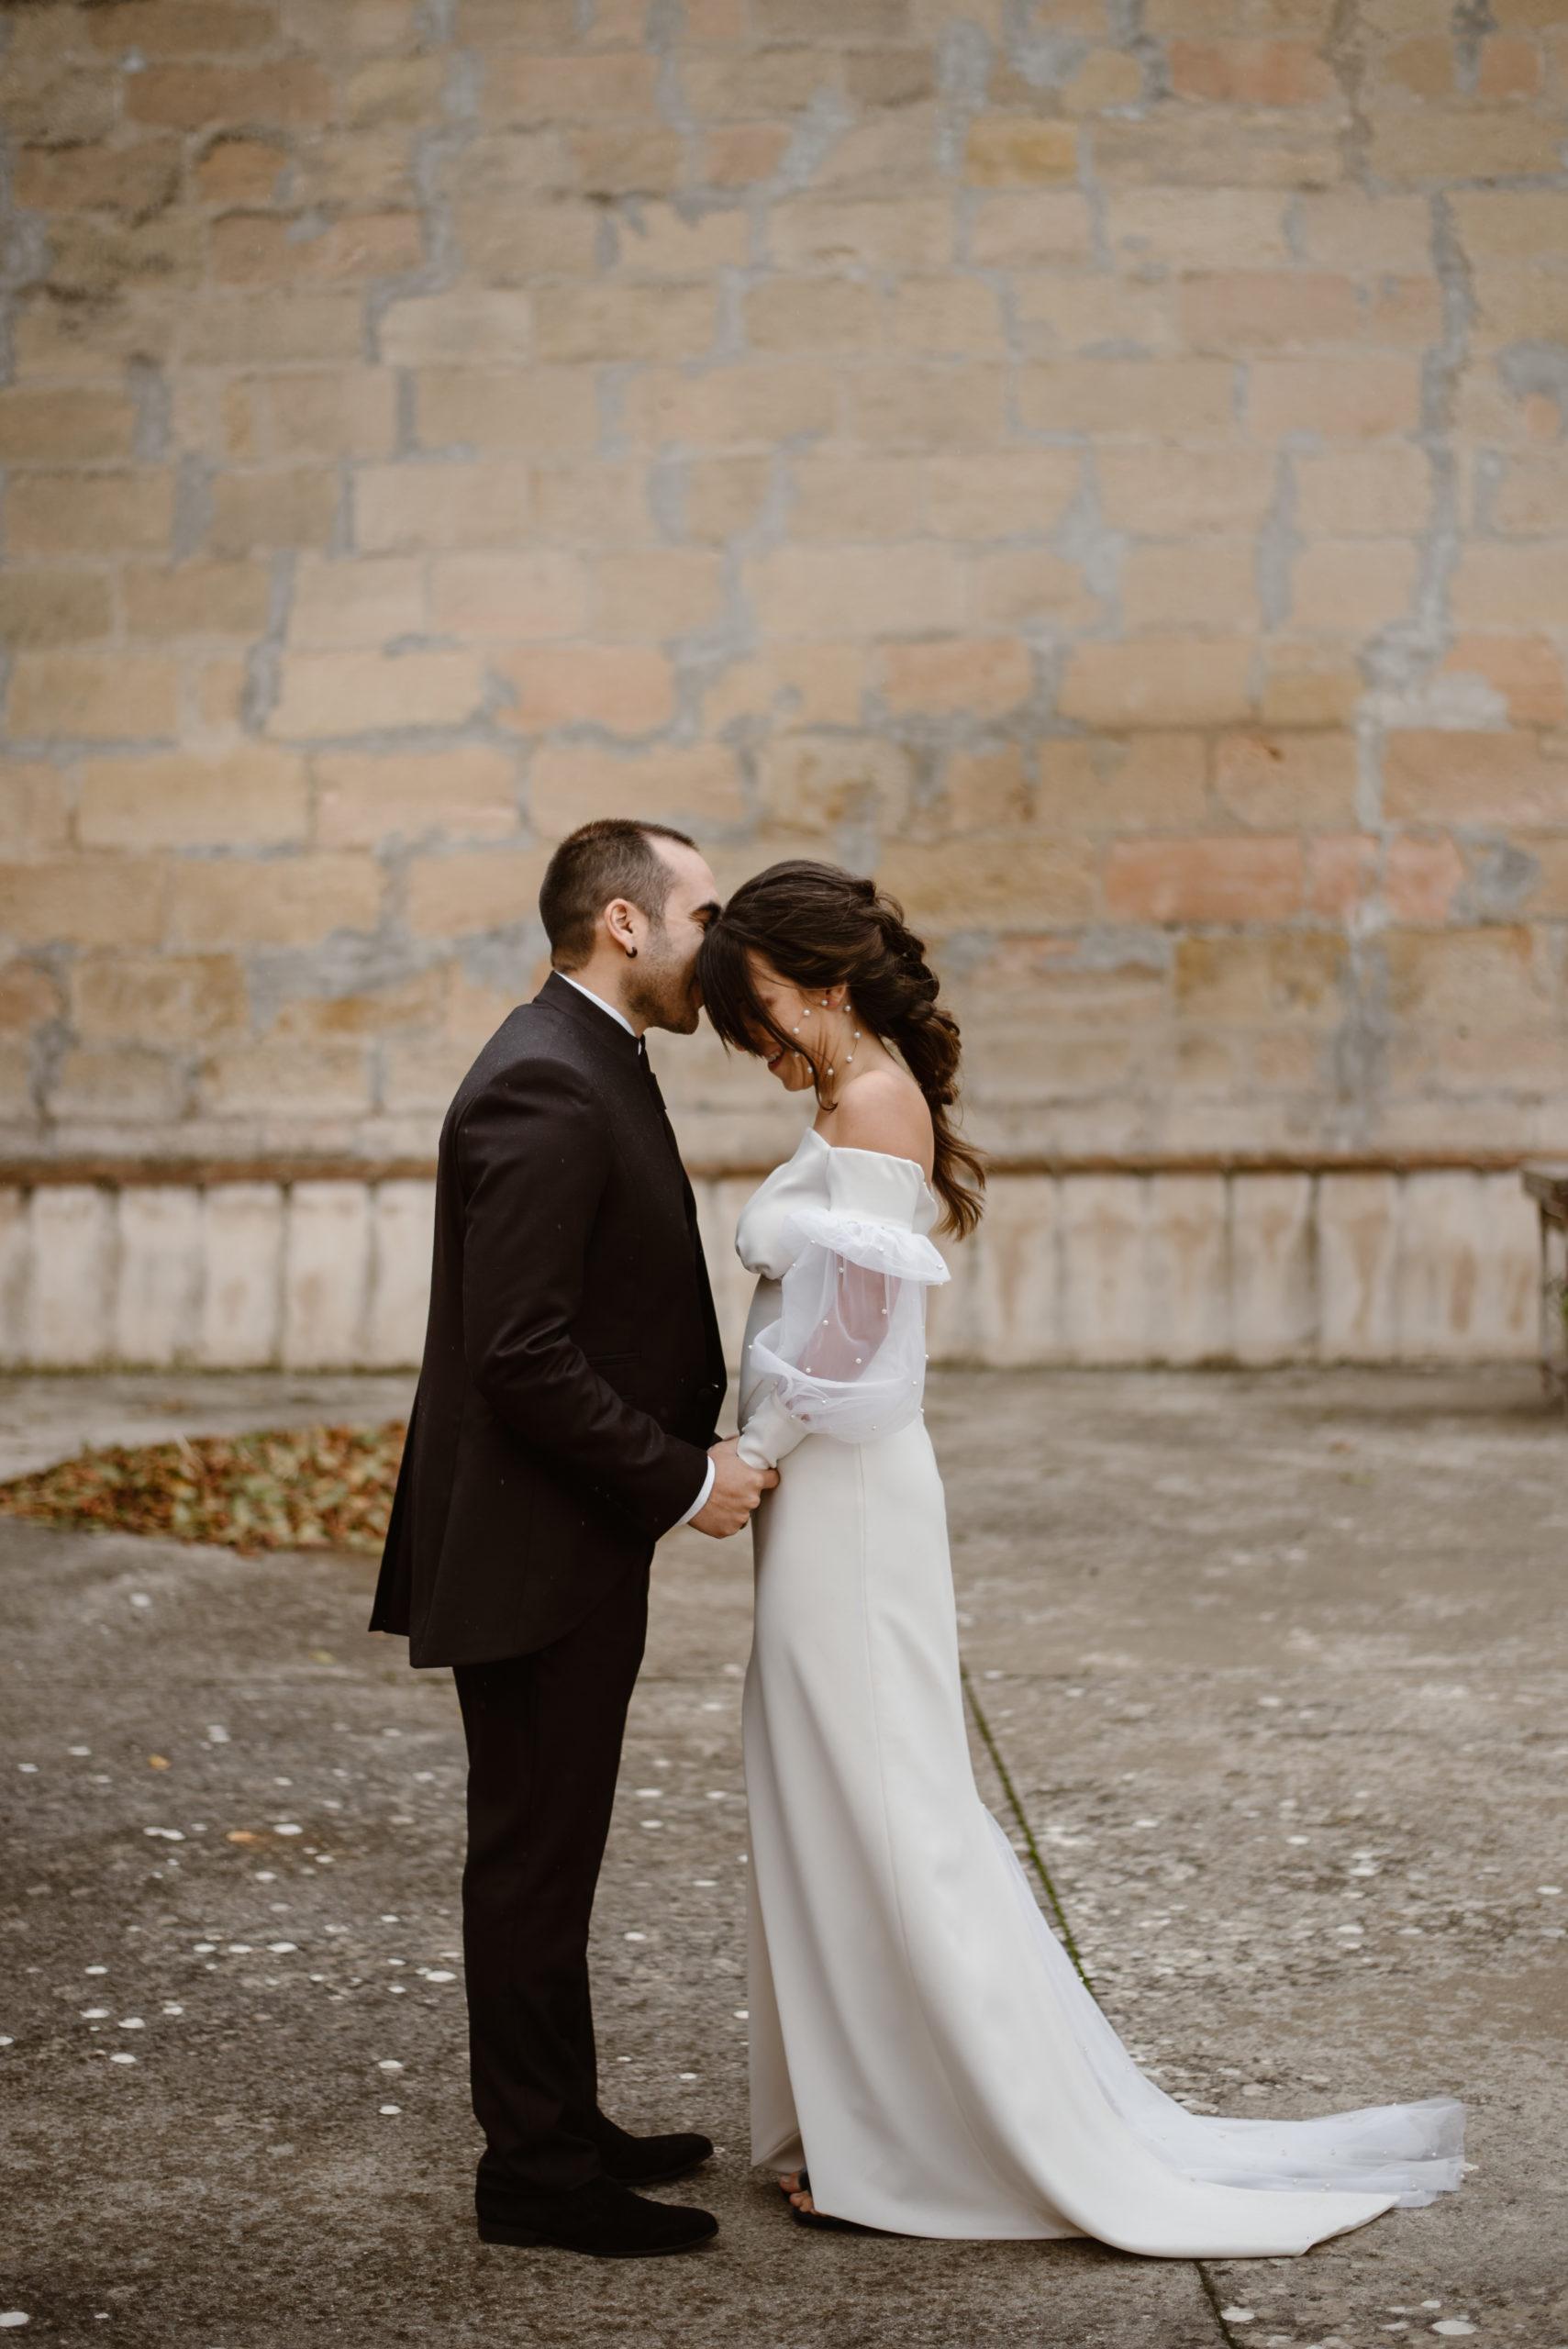 Novio besa en la frente a la novia el día de su boda